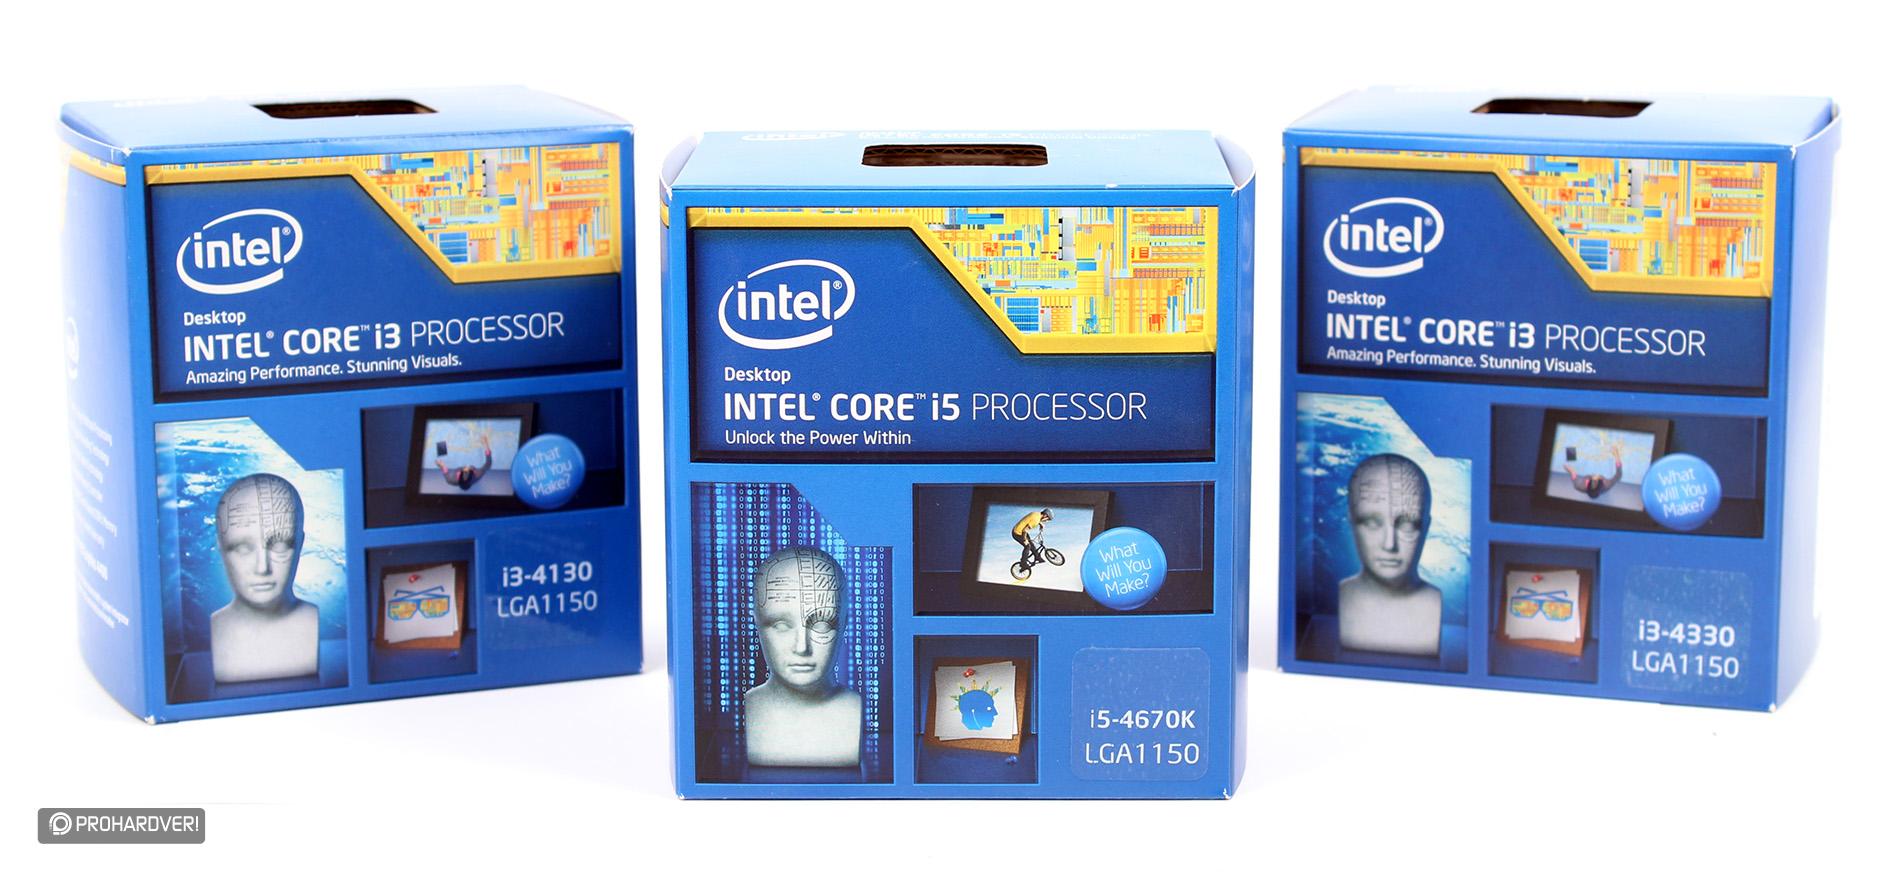 Intel Core I3 S I5 Cpu K Haswell Alapokon Prohardver Processzor Processor 4130 Az Legjabb Fejlesztse X86 Os Teljestmnyben Alkalmazstl Fggen Nagyjbl 5 20 Elrelpst Mutatott Ivy Bridge Hez Kpest